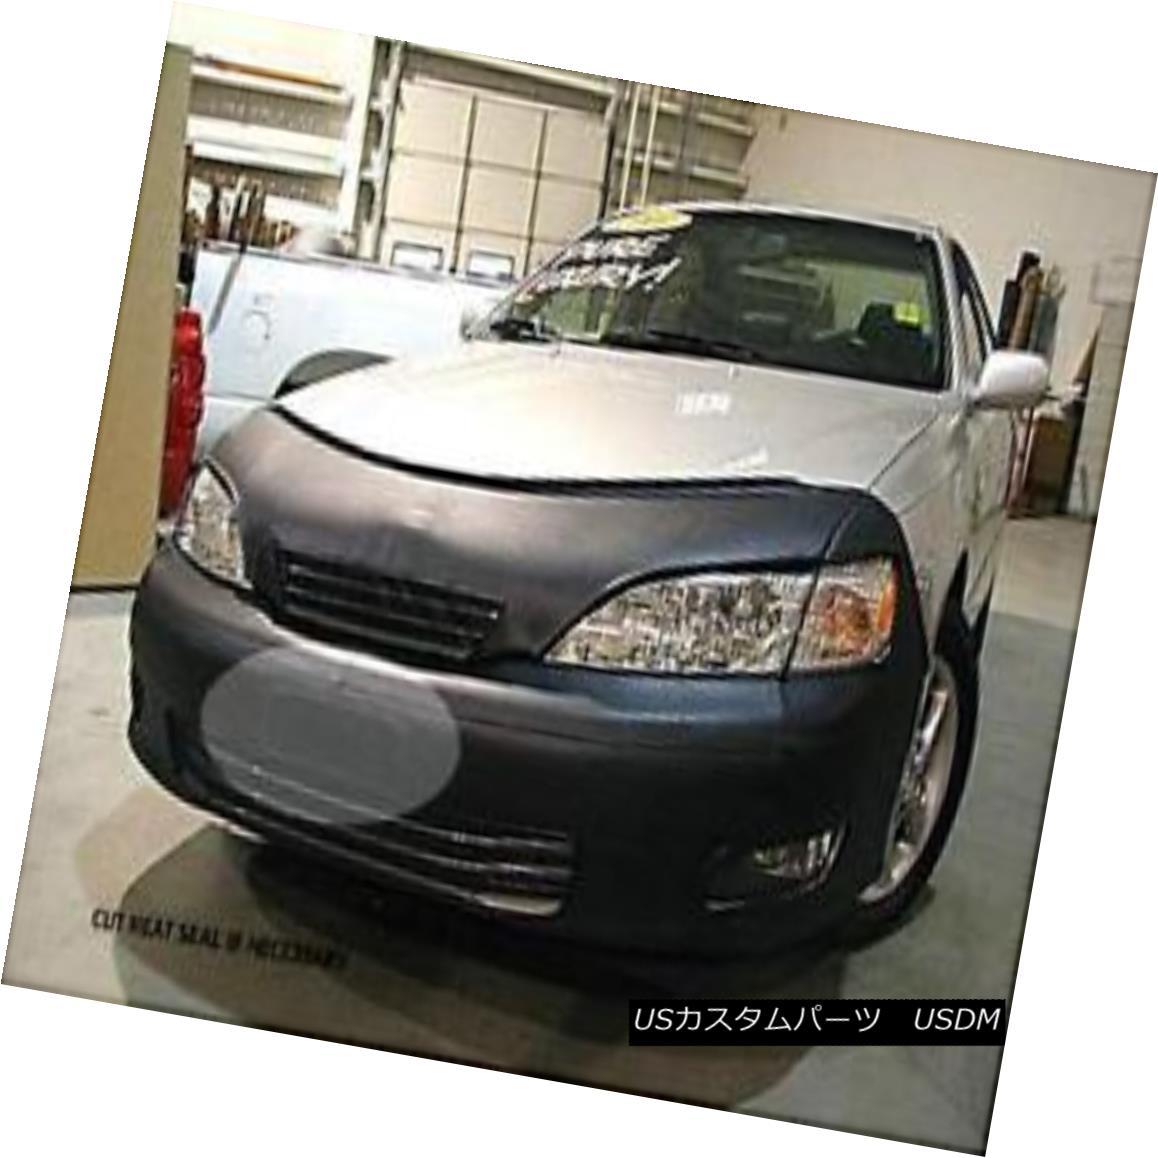 フルブラ ノーズブラ Lebra Front End Mask Cover Bra Fits LEXUS ES300 2000-2001 00 01 LebraフロントエンドマスクカバーブラはLEXUS ES300に適合2000-2001 00 01